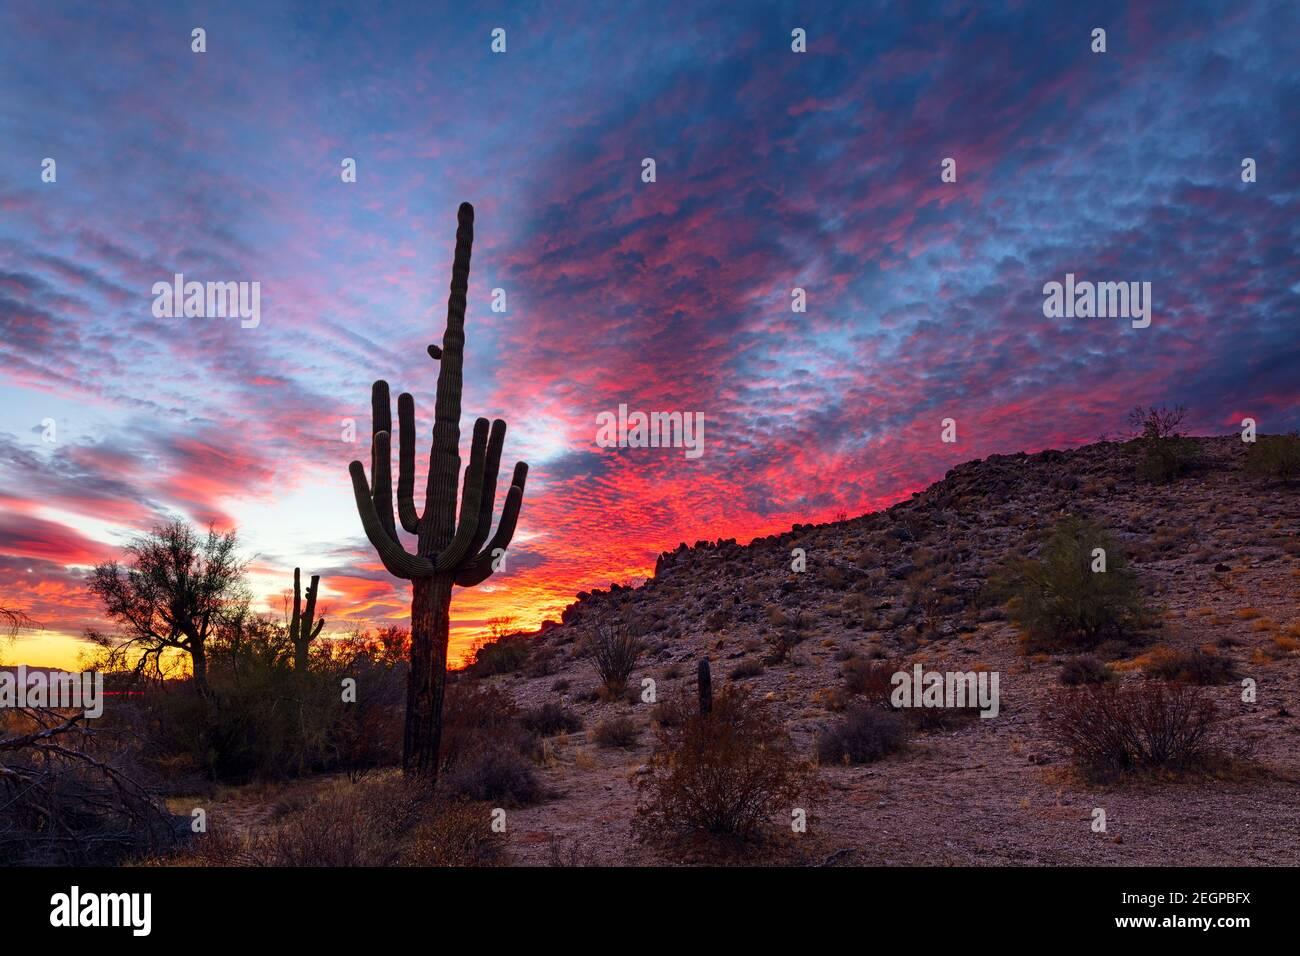 Paysage pittoresque du désert avec Saguaro Cactus et spectaculaire coucher de soleil dans le monument national du désert de Sonoran, Arizona, États-Unis Banque D'Images